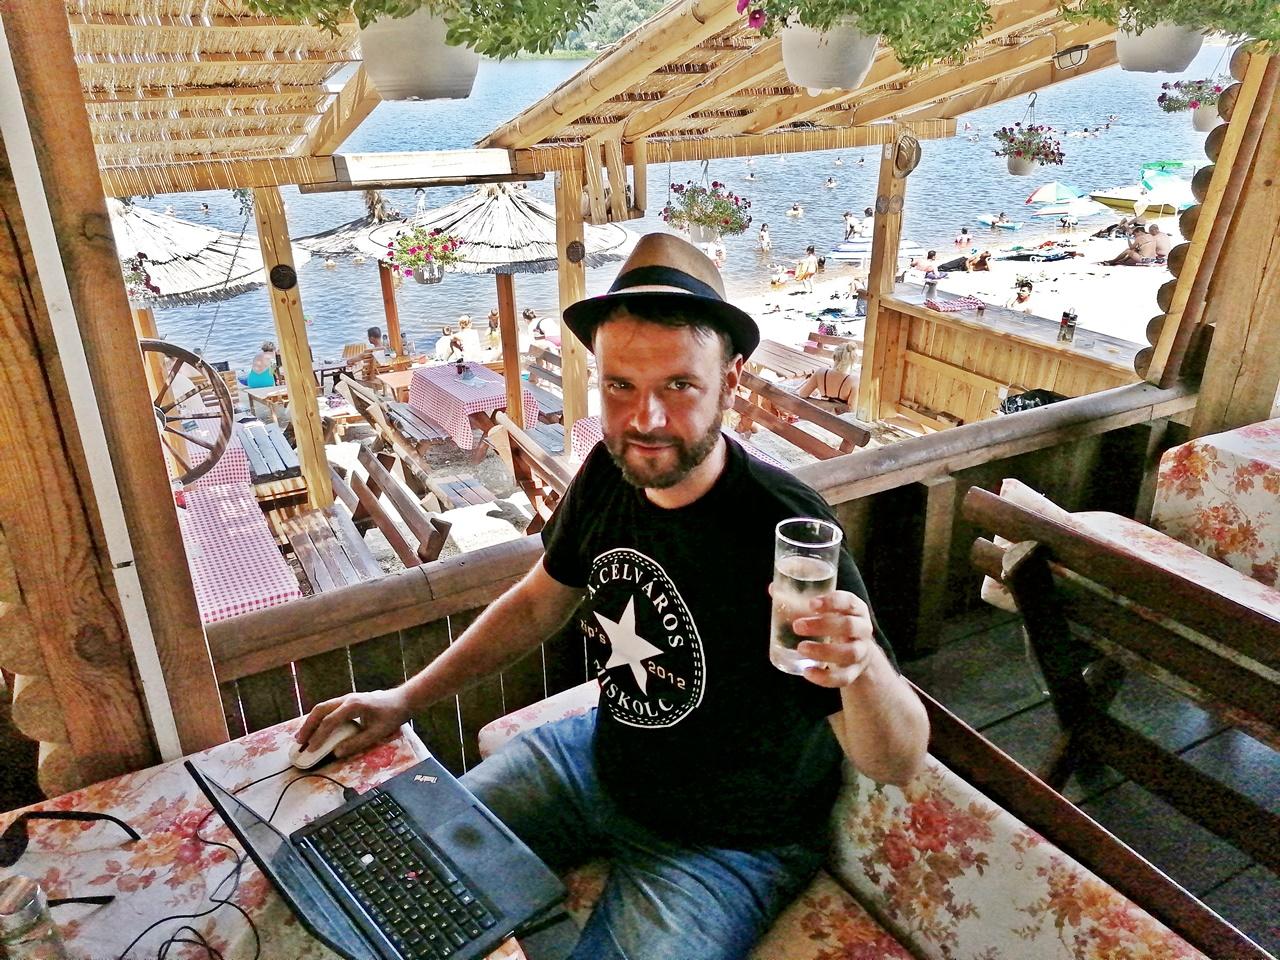 Kocsmaturista - Munálkodás Szerbából, az Ezüst-tó partjáról